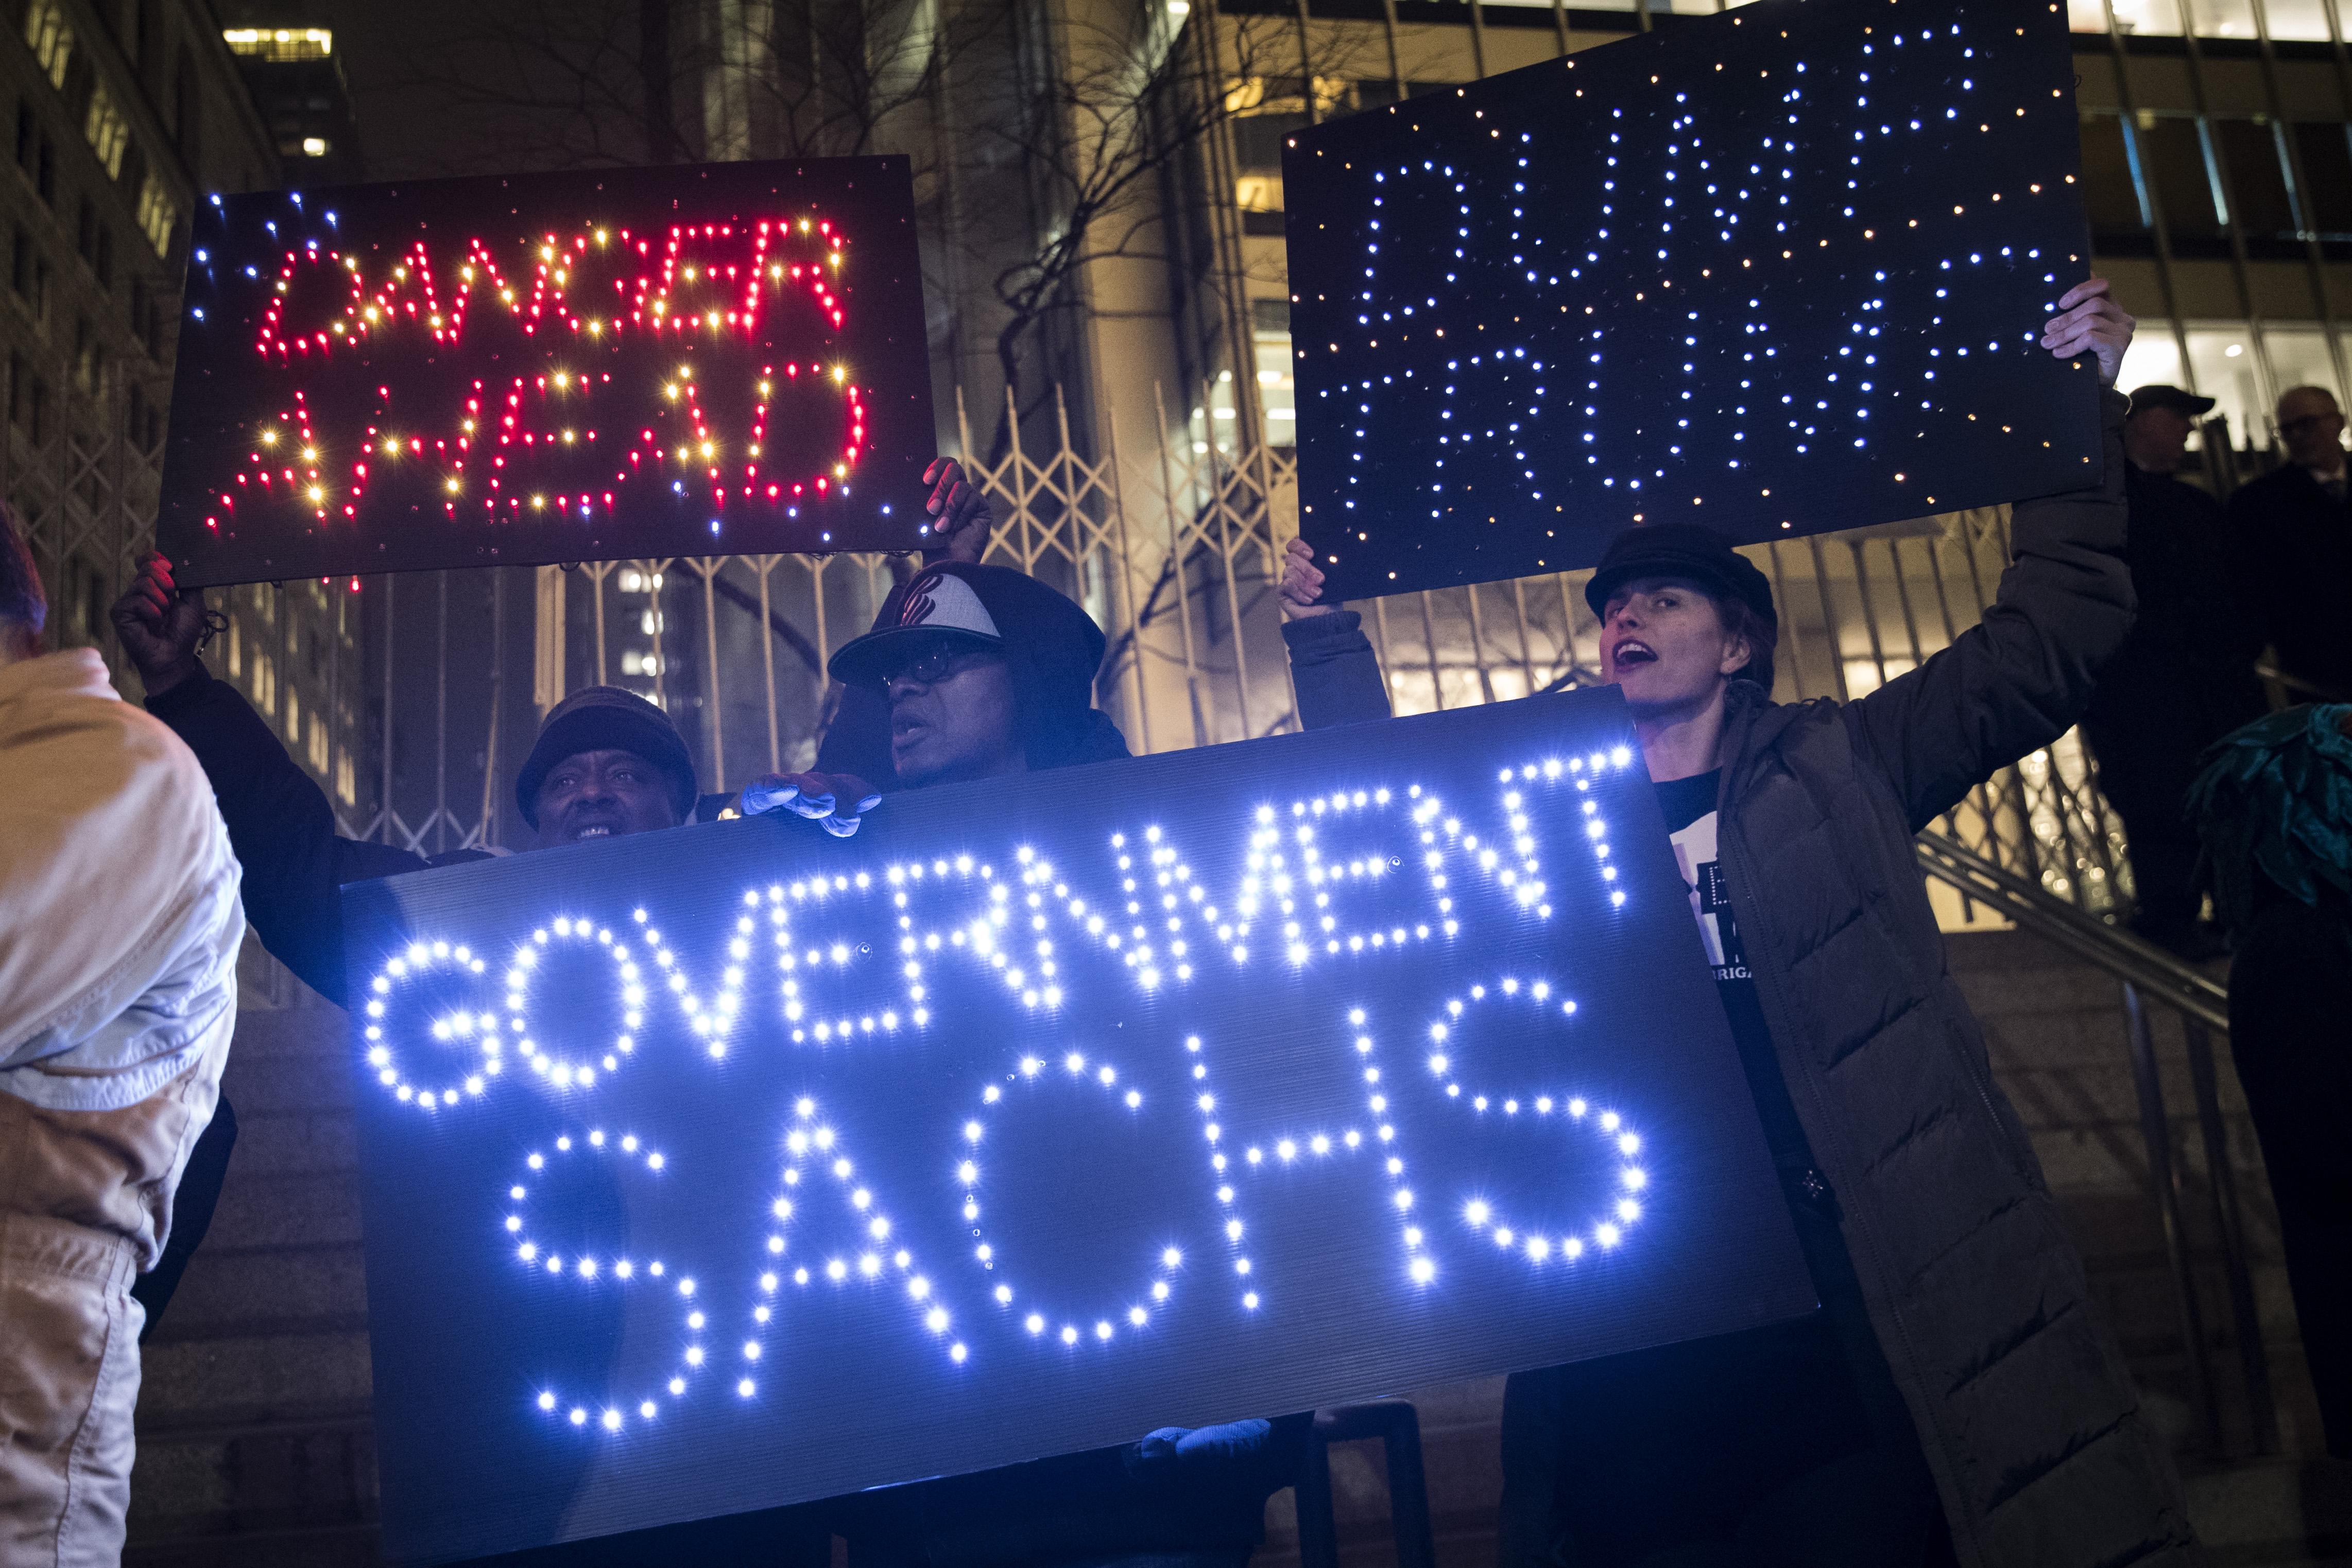 A Goldman Sachs végre feltette a kérdést: fenntartható üzleti modell-e az emberek meggyógyítása?